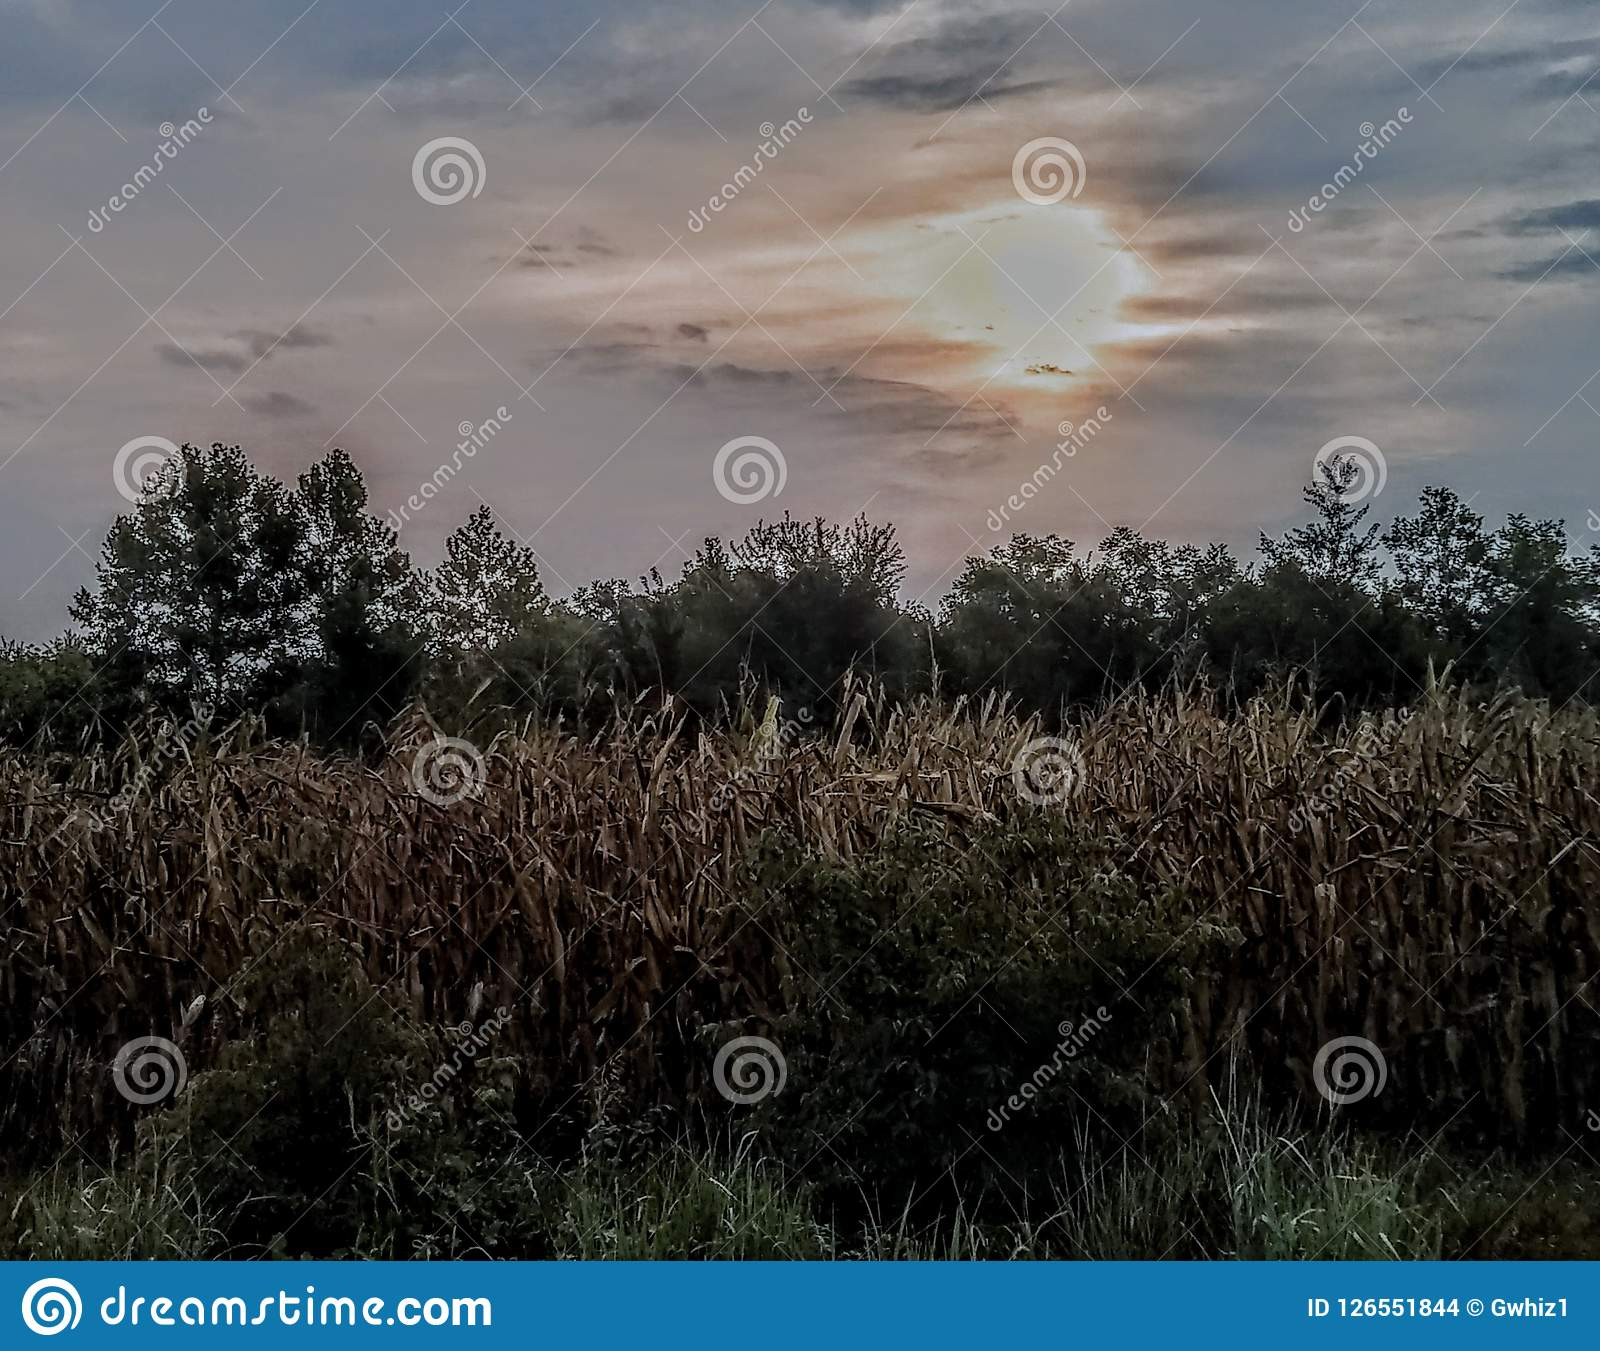 Sunrise over corn field